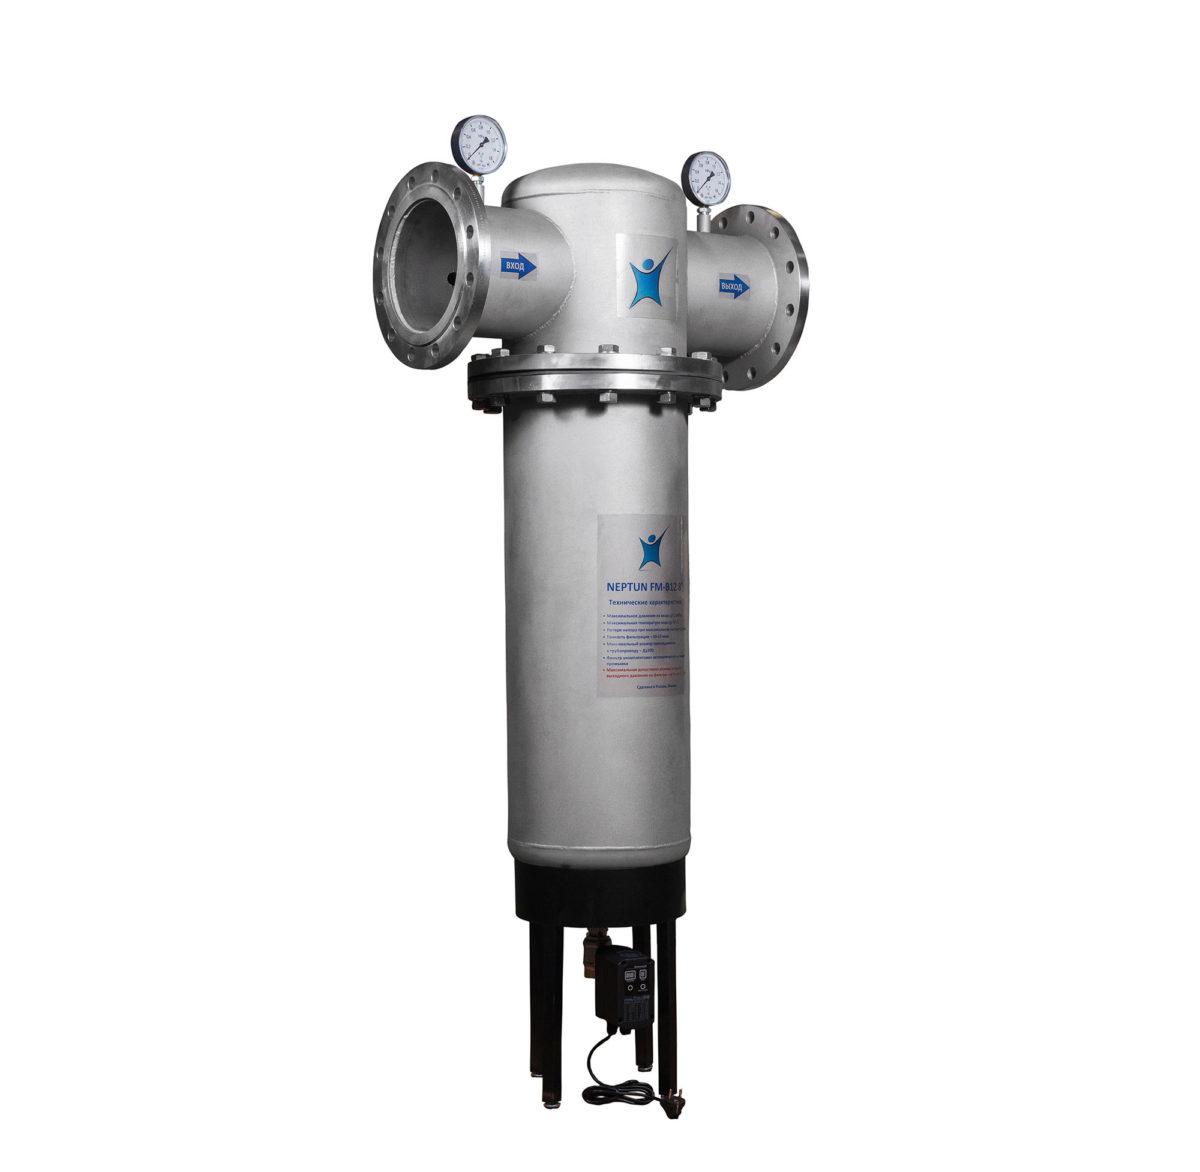 промышленный фильтр для воды, самопромывной, механический фильтр